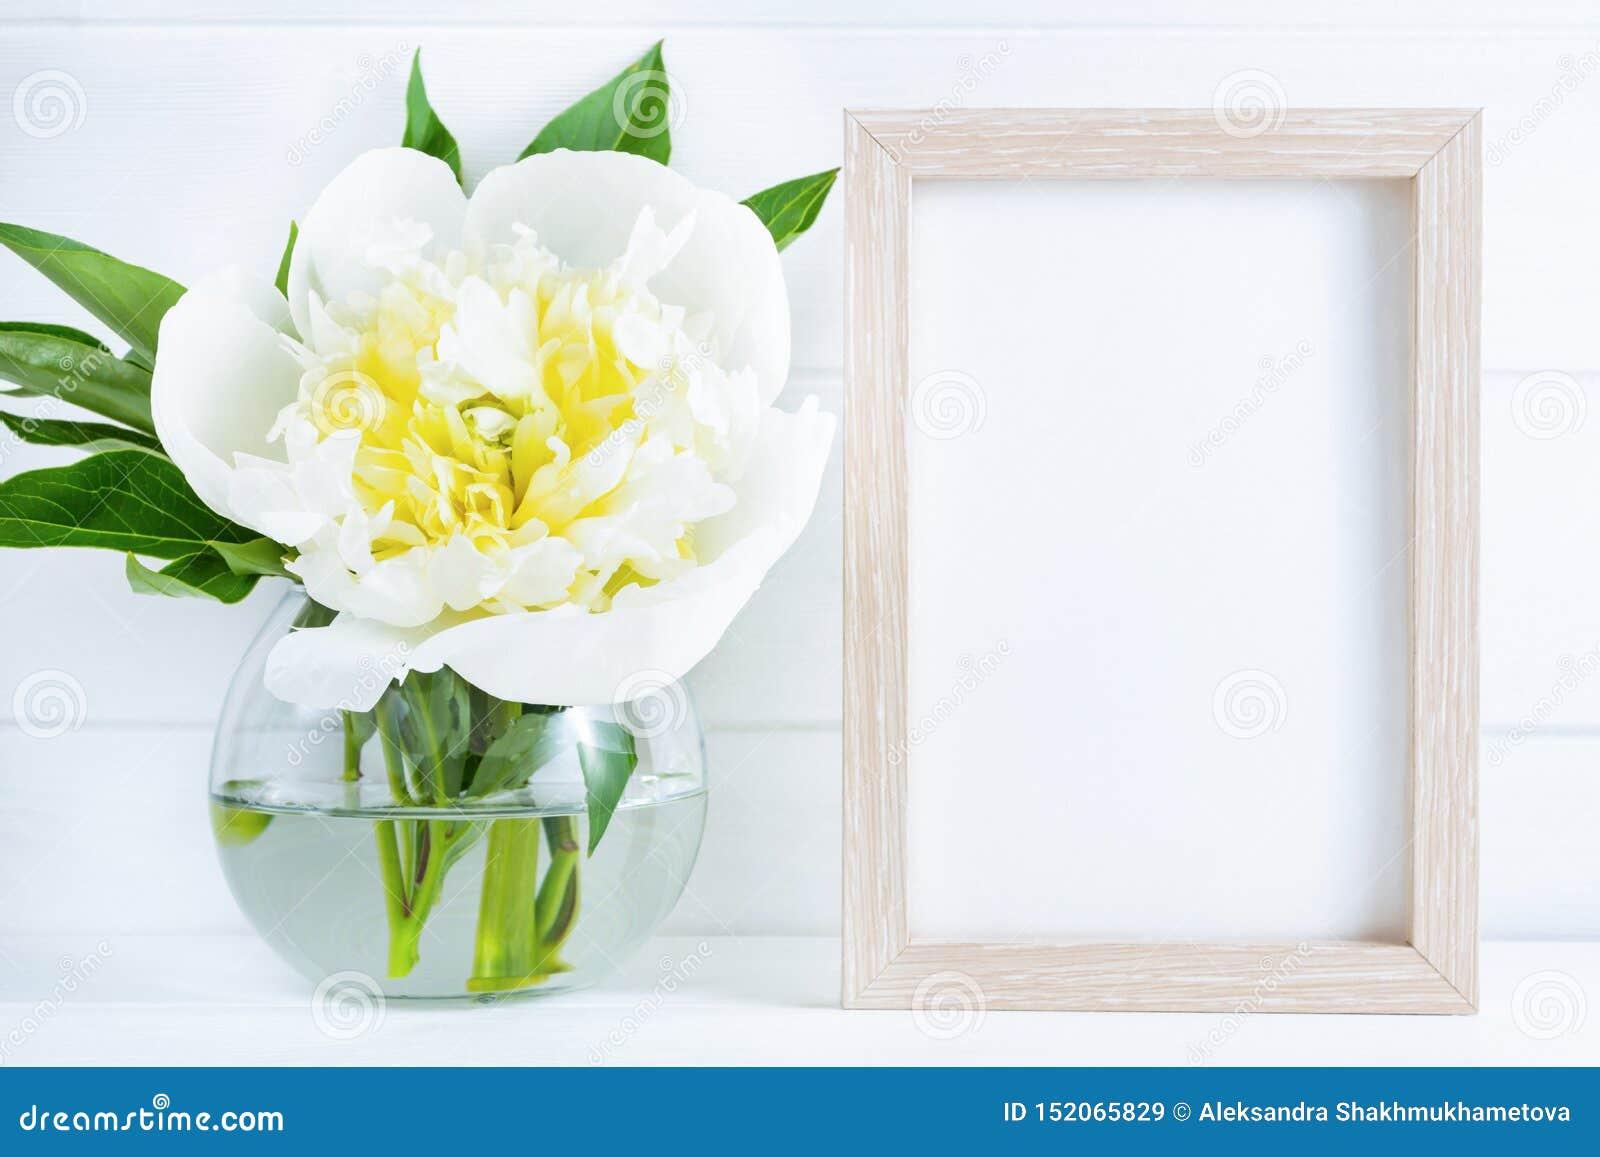 Fiore bianco della peonia in vaso su fondo di legno bianco con lo spazio della copia o del modello